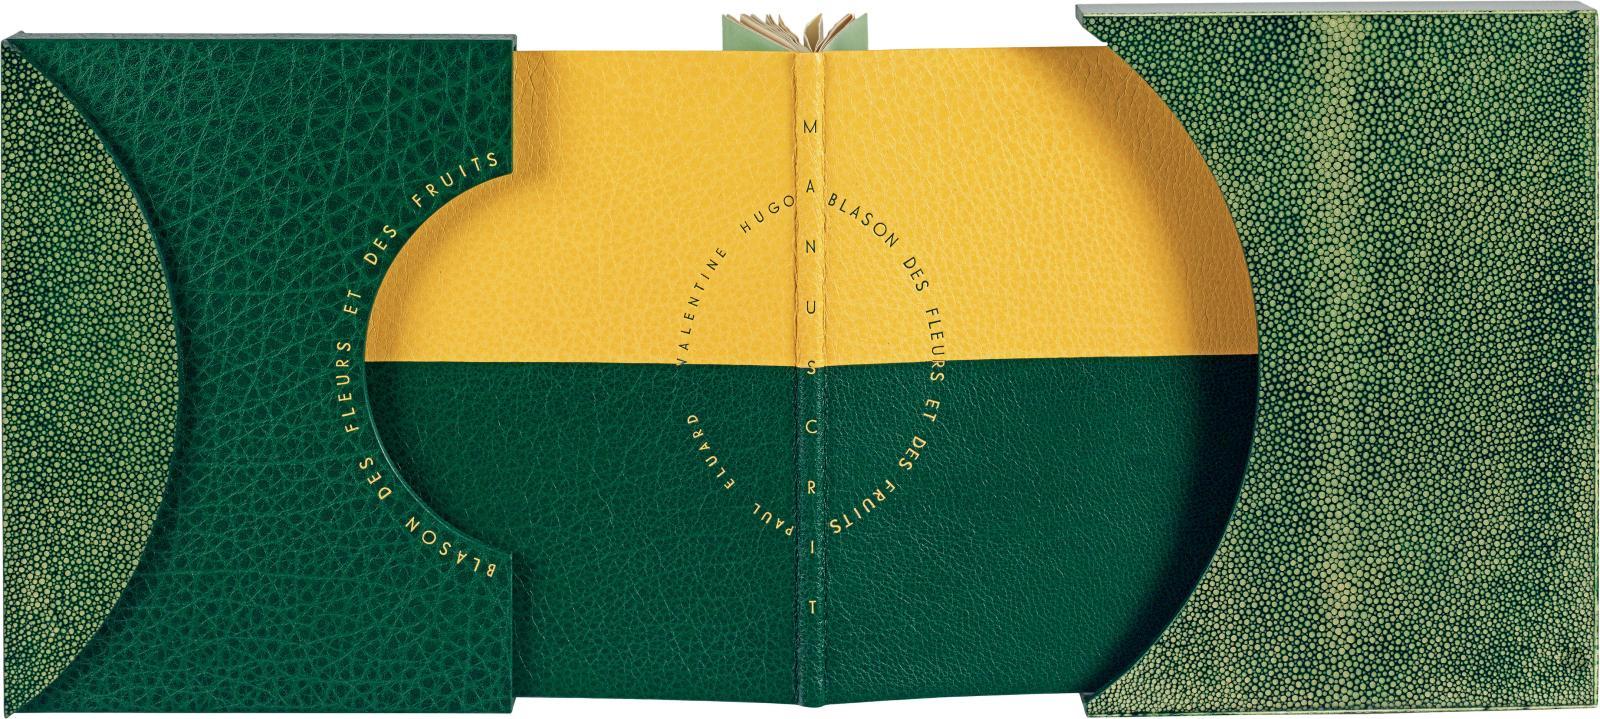 Paul Eluard (1895-1952), Blason des fleurs et des fruits [Manuscrit] (Paris), 25novembre 1940, plaquette in-8o carré, manuscrit autographe; reliure